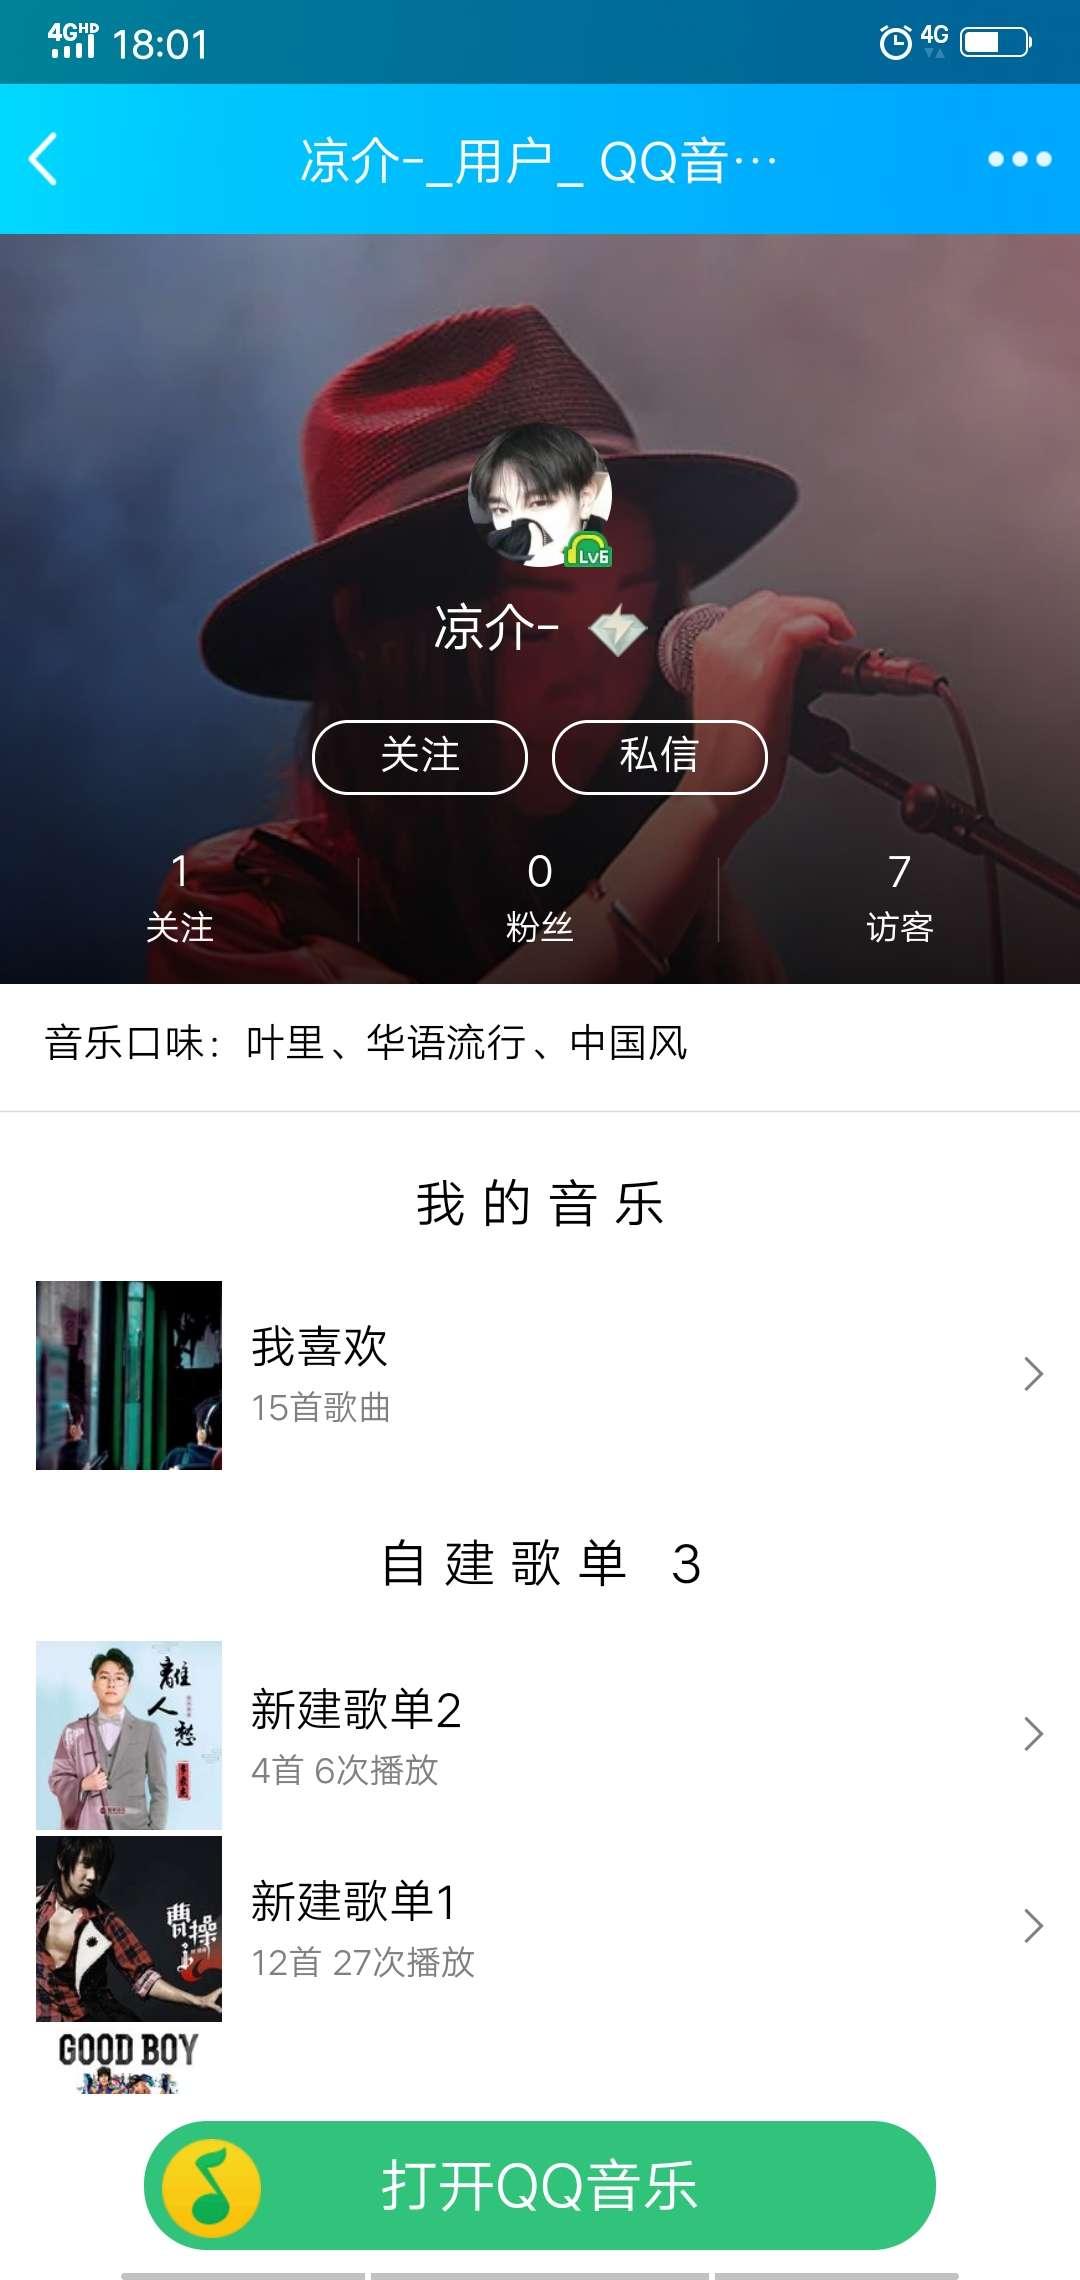 【原创开发】QQ音乐歌单 1.0-爱小助